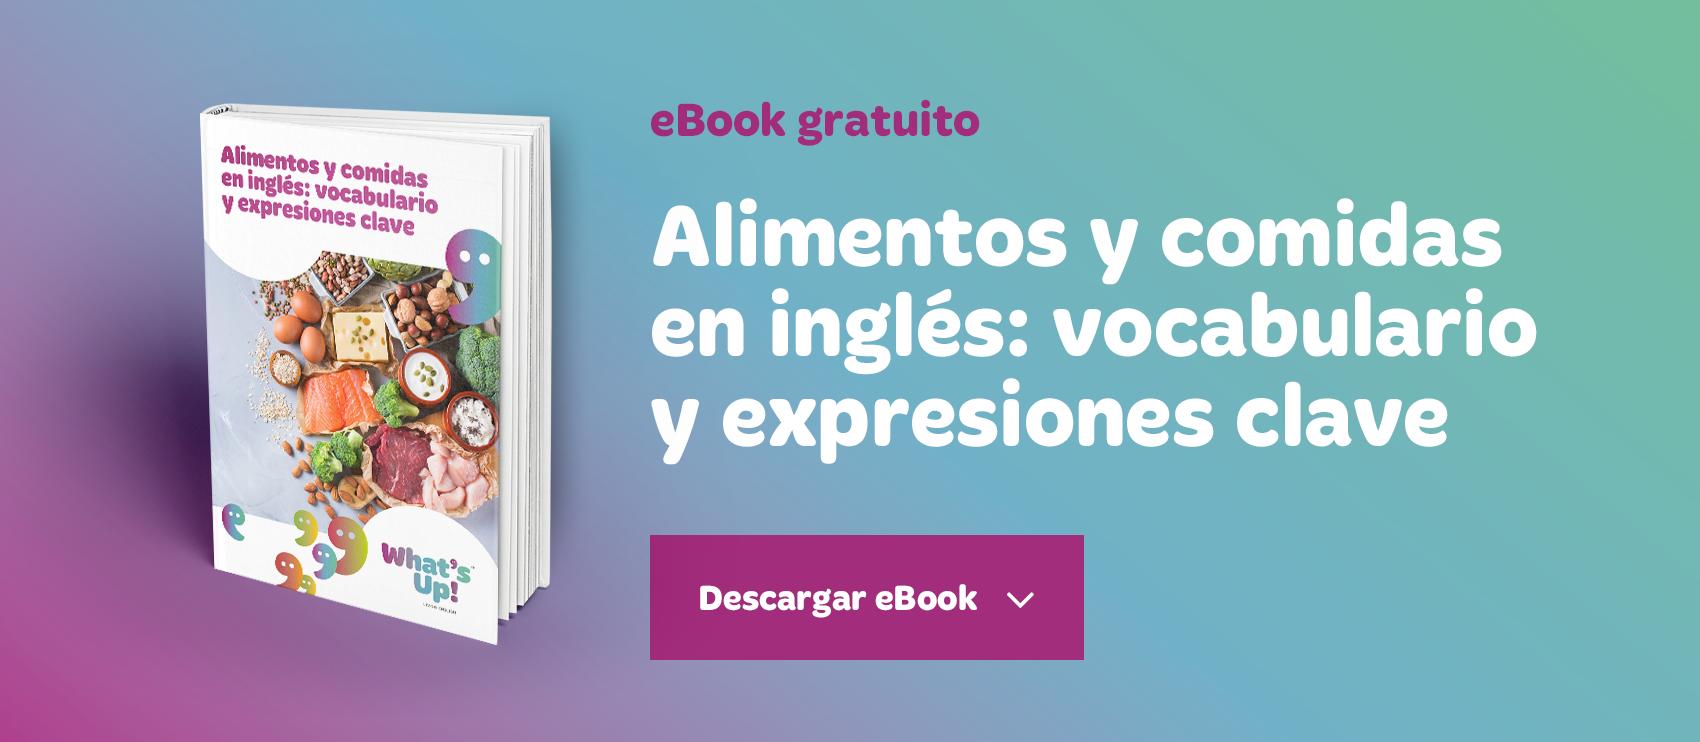 Alimentos En Inglés Vocabulario Y Expresiones Clave Whats Up